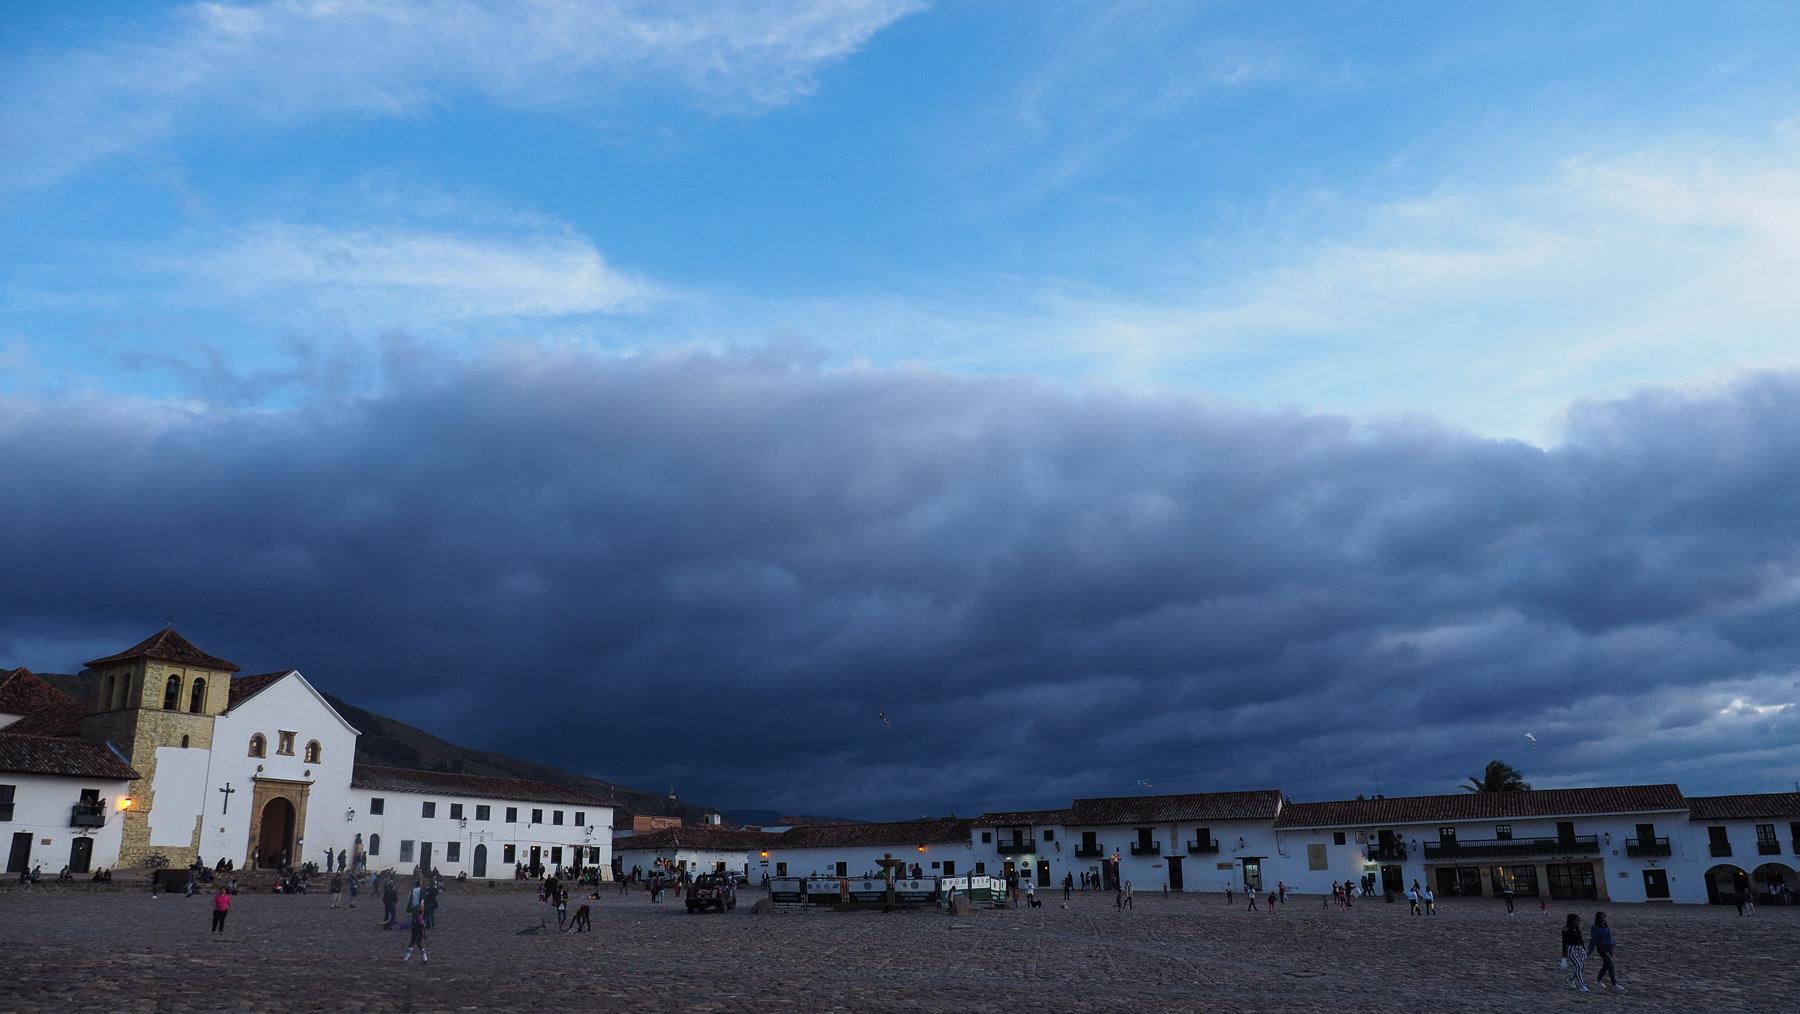 Villa de Leyva - sieht nach Regen aus